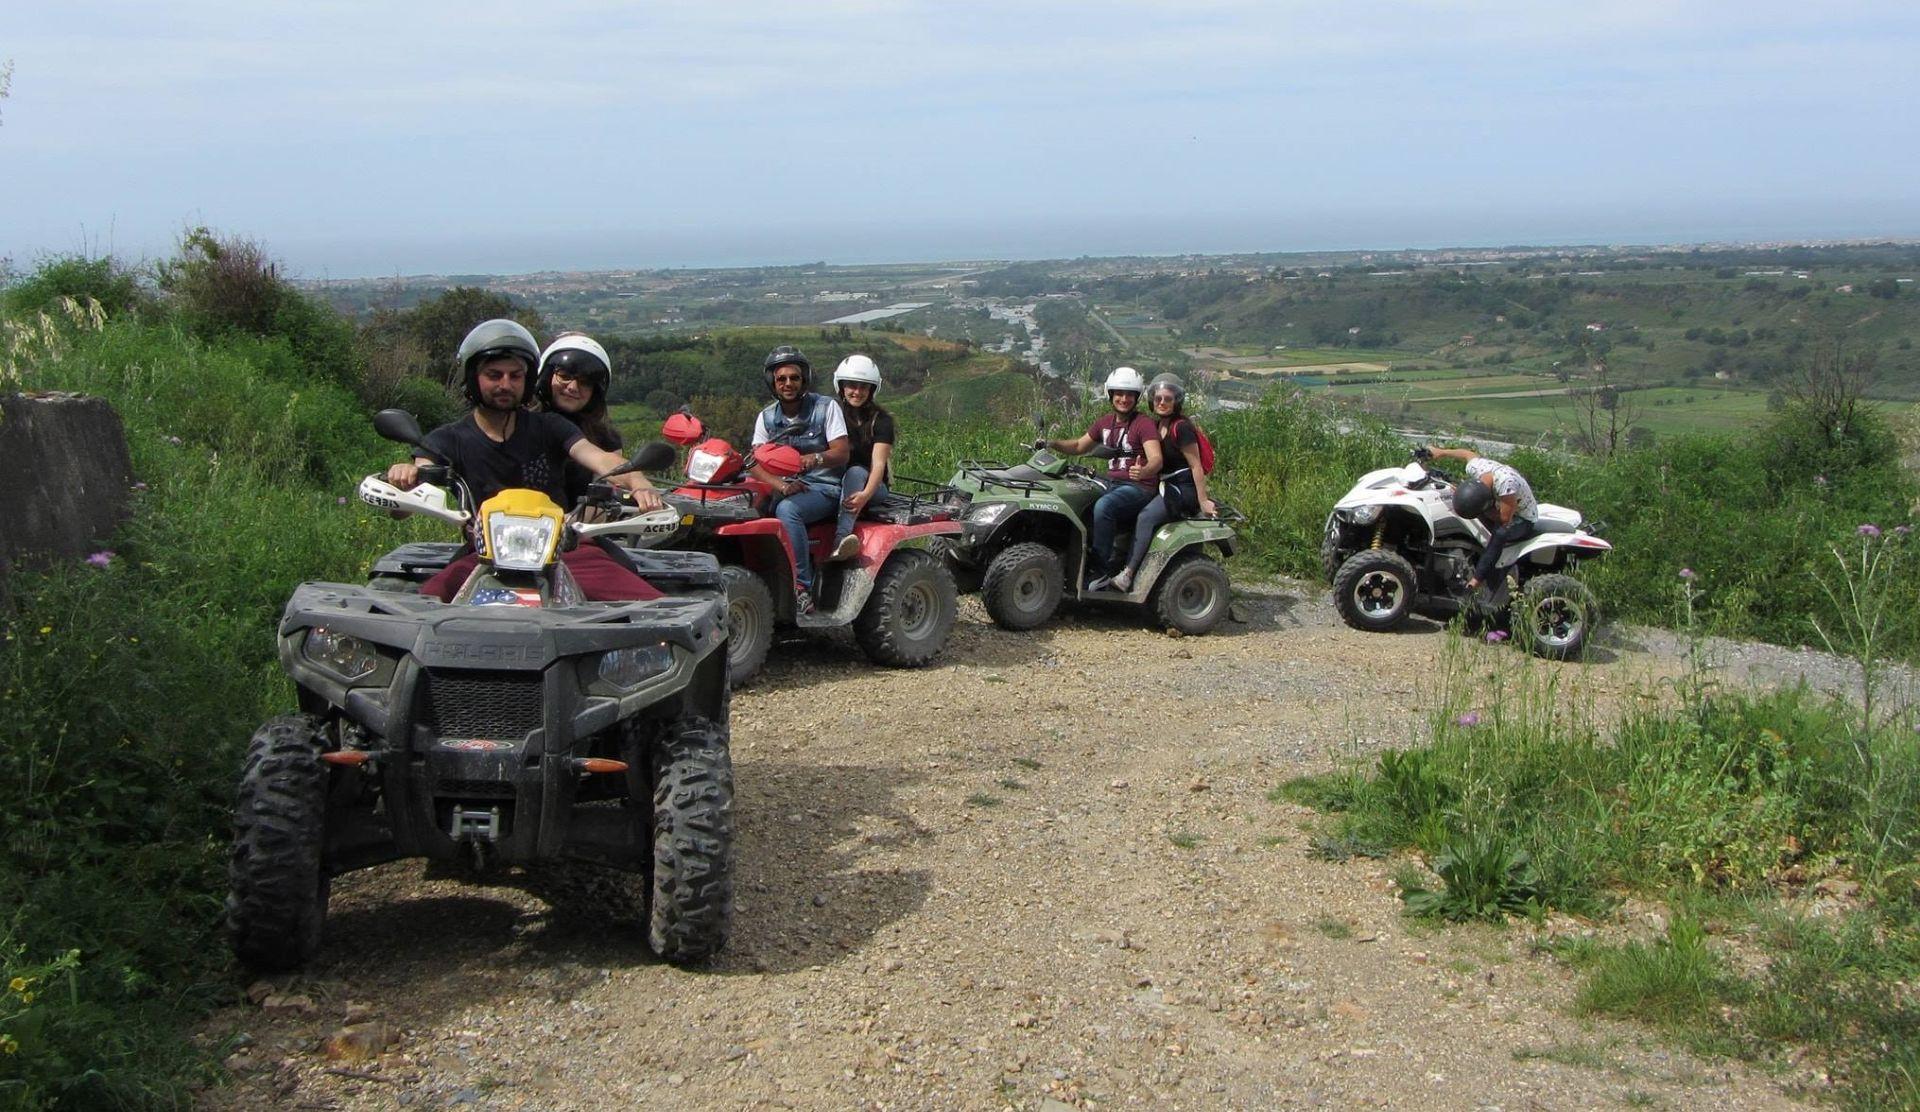 Tour di 1 ora in quad nel Parco Nazionale del Pollino